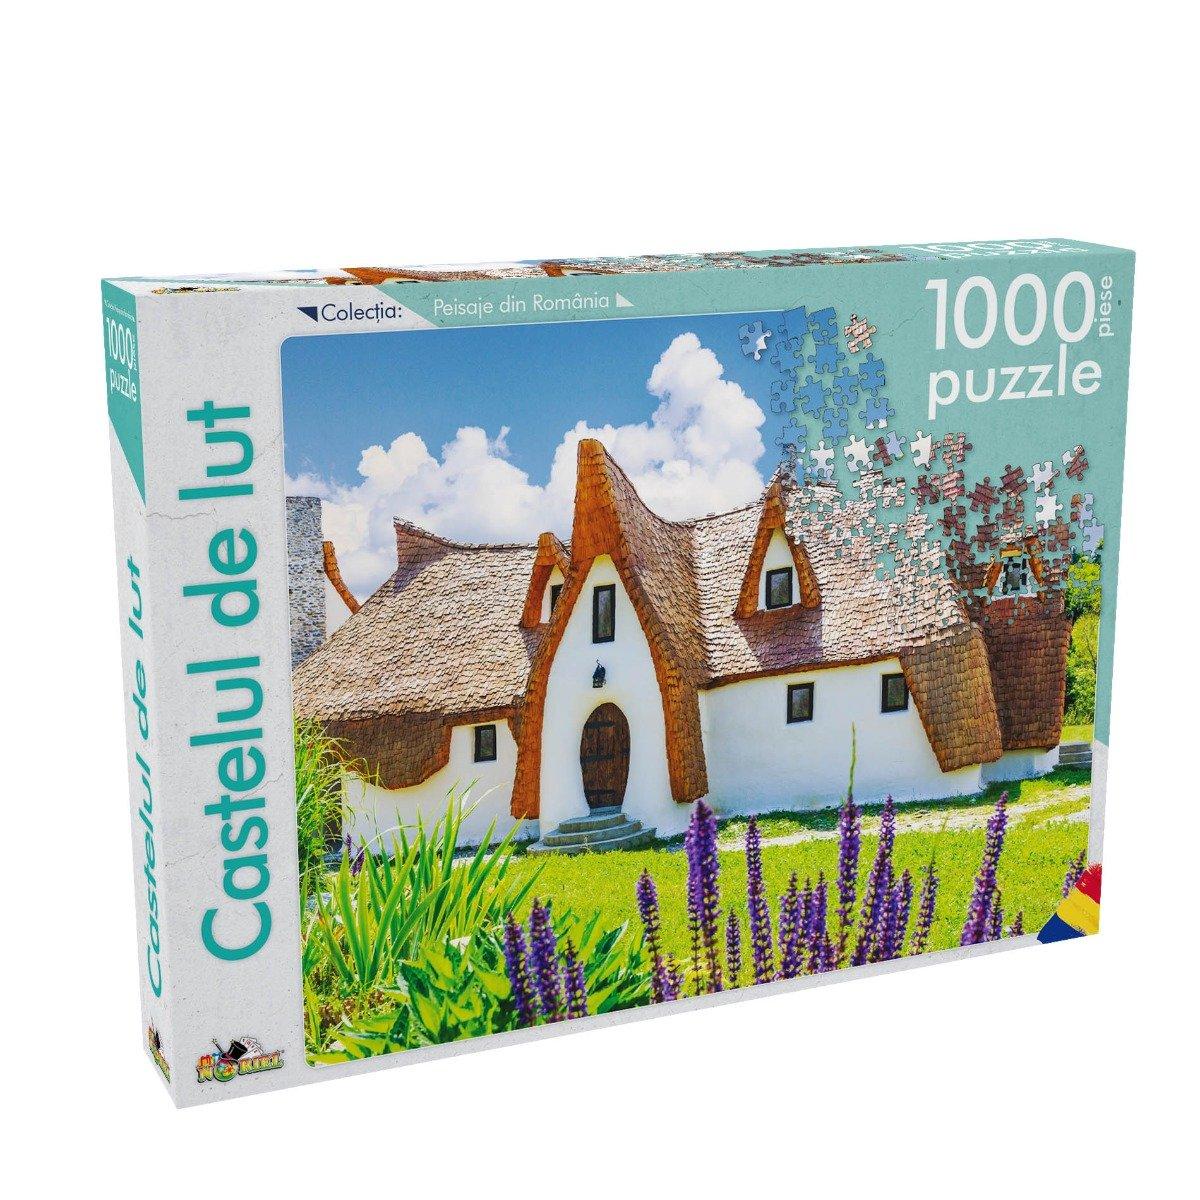 Puzzle Noriel - Peisaje din Romania - Castelul de lut, 1000 piese